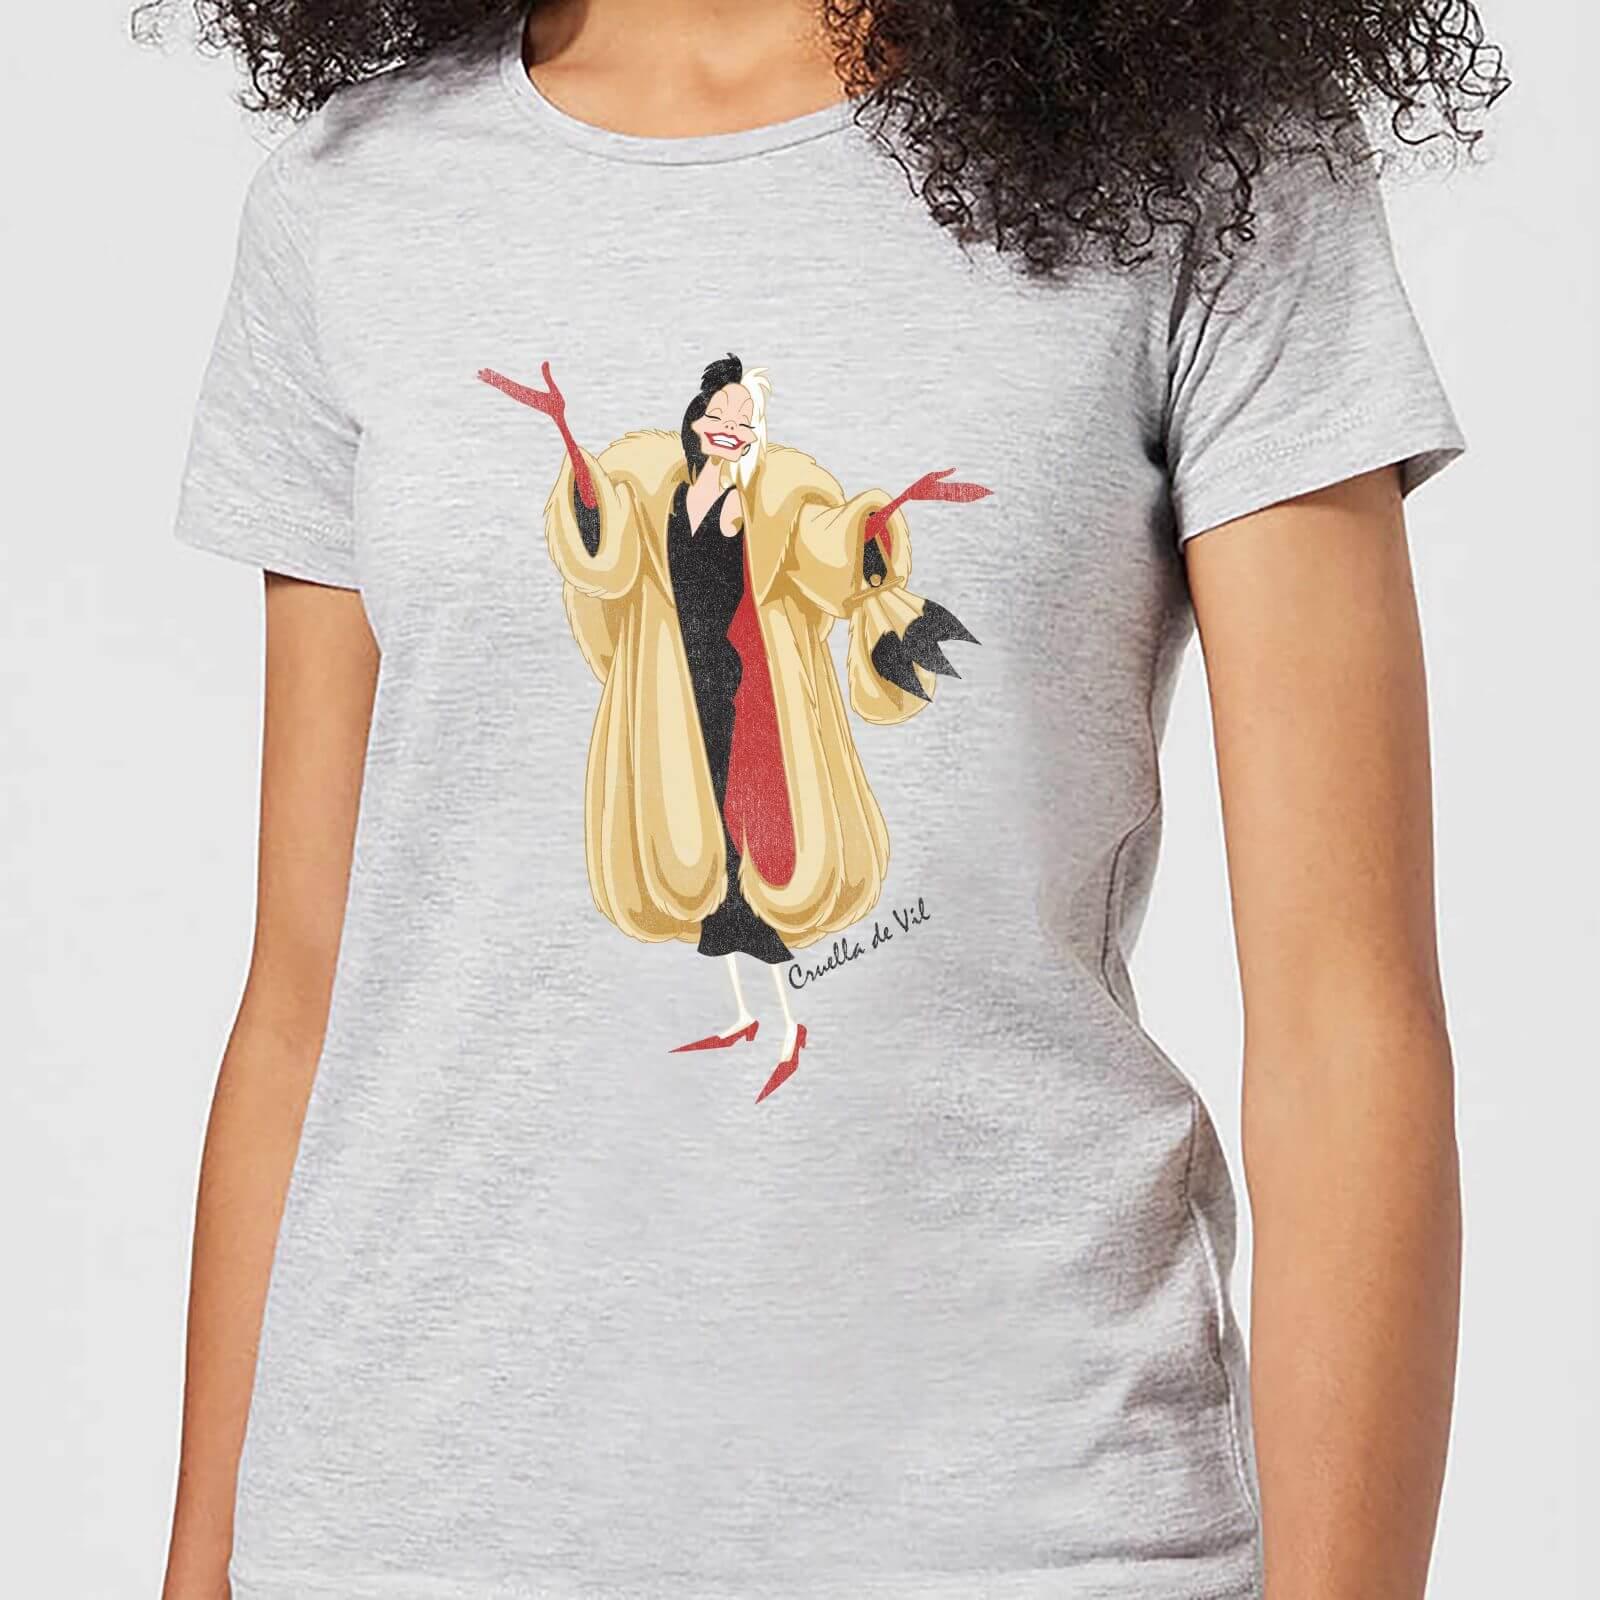 Disney 101 Dalmations Cruella De Vil Women's T-Shirt - Grey - S - Grey